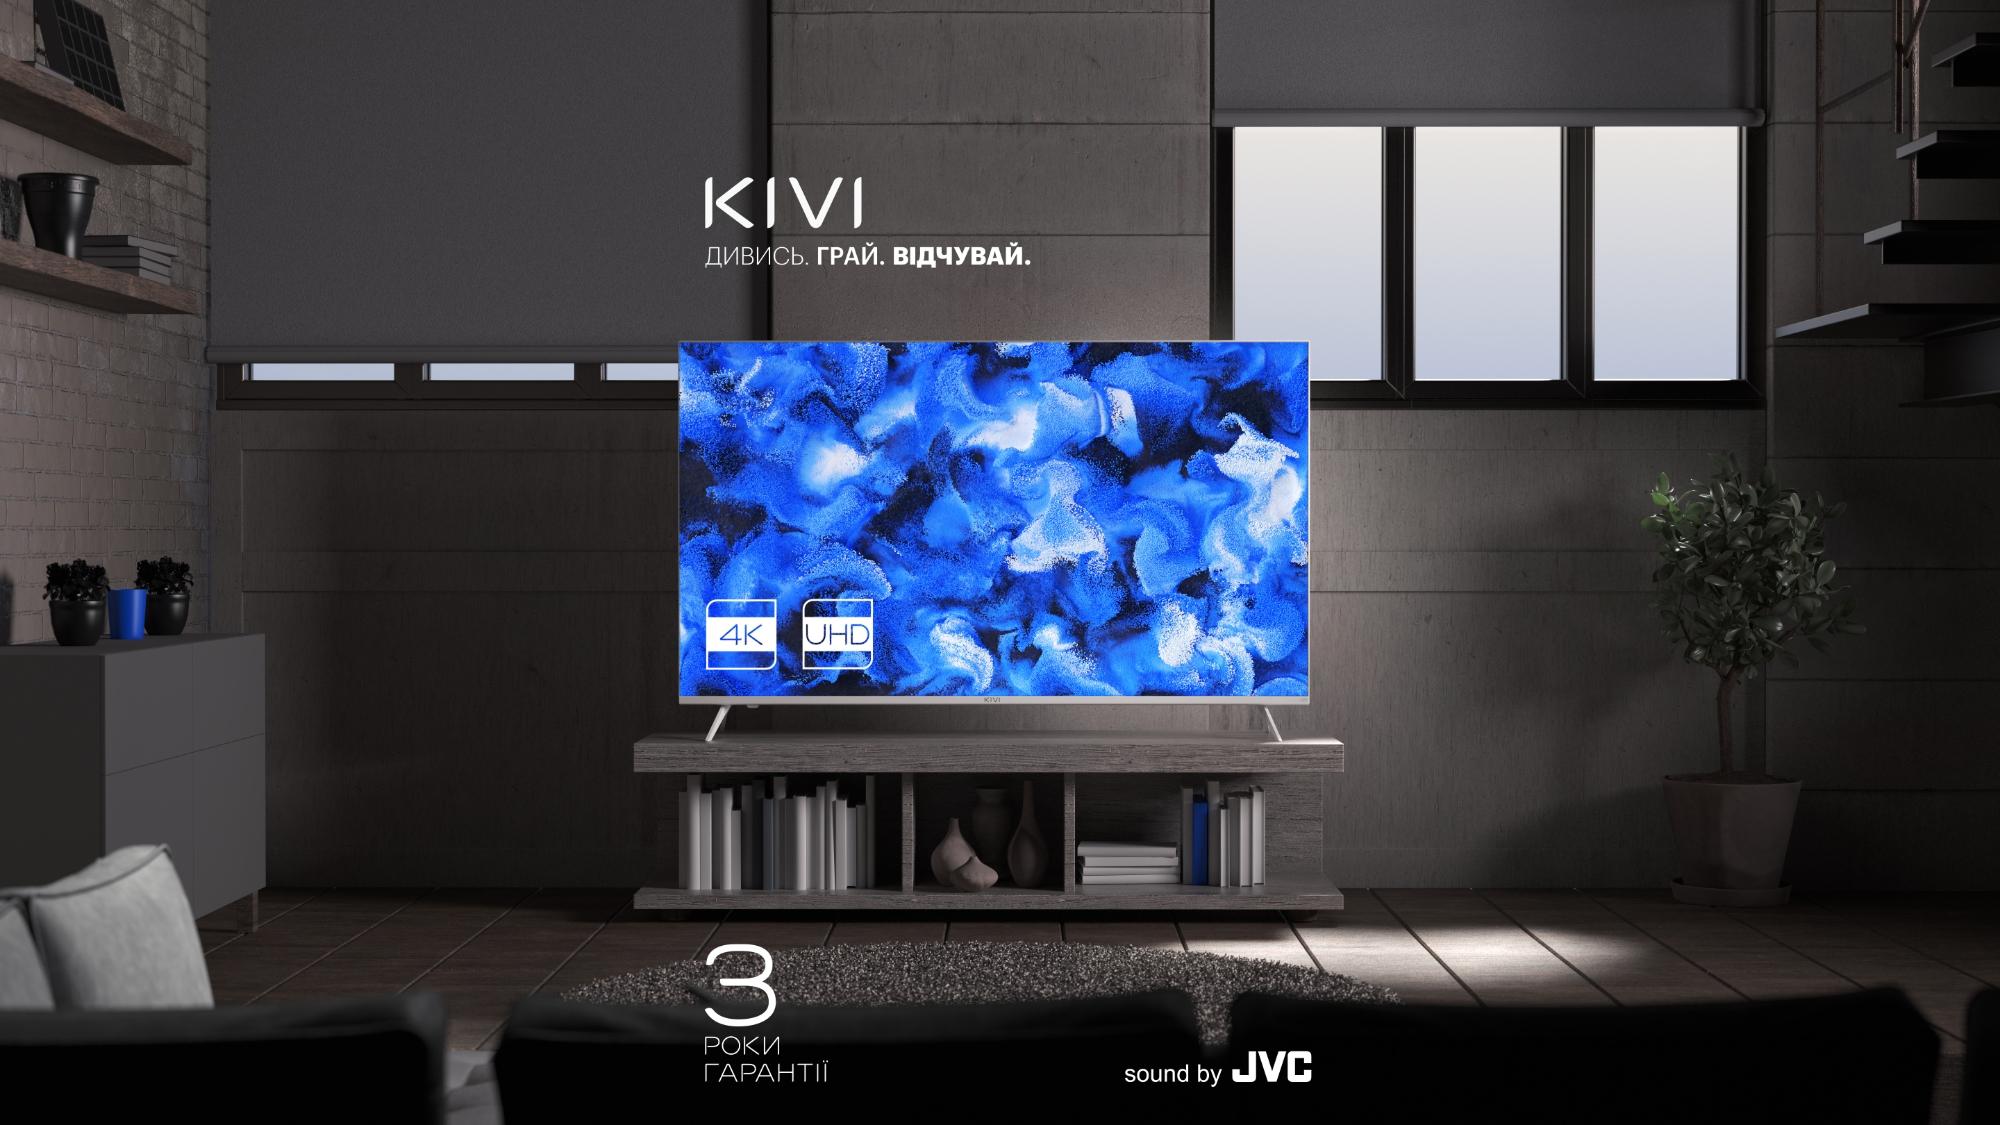 KIVI представила Android-телевизоры 2021 года: диагонали от 24 до 75 дюймов, бесплатные игры и видео, цены от 6299 грн